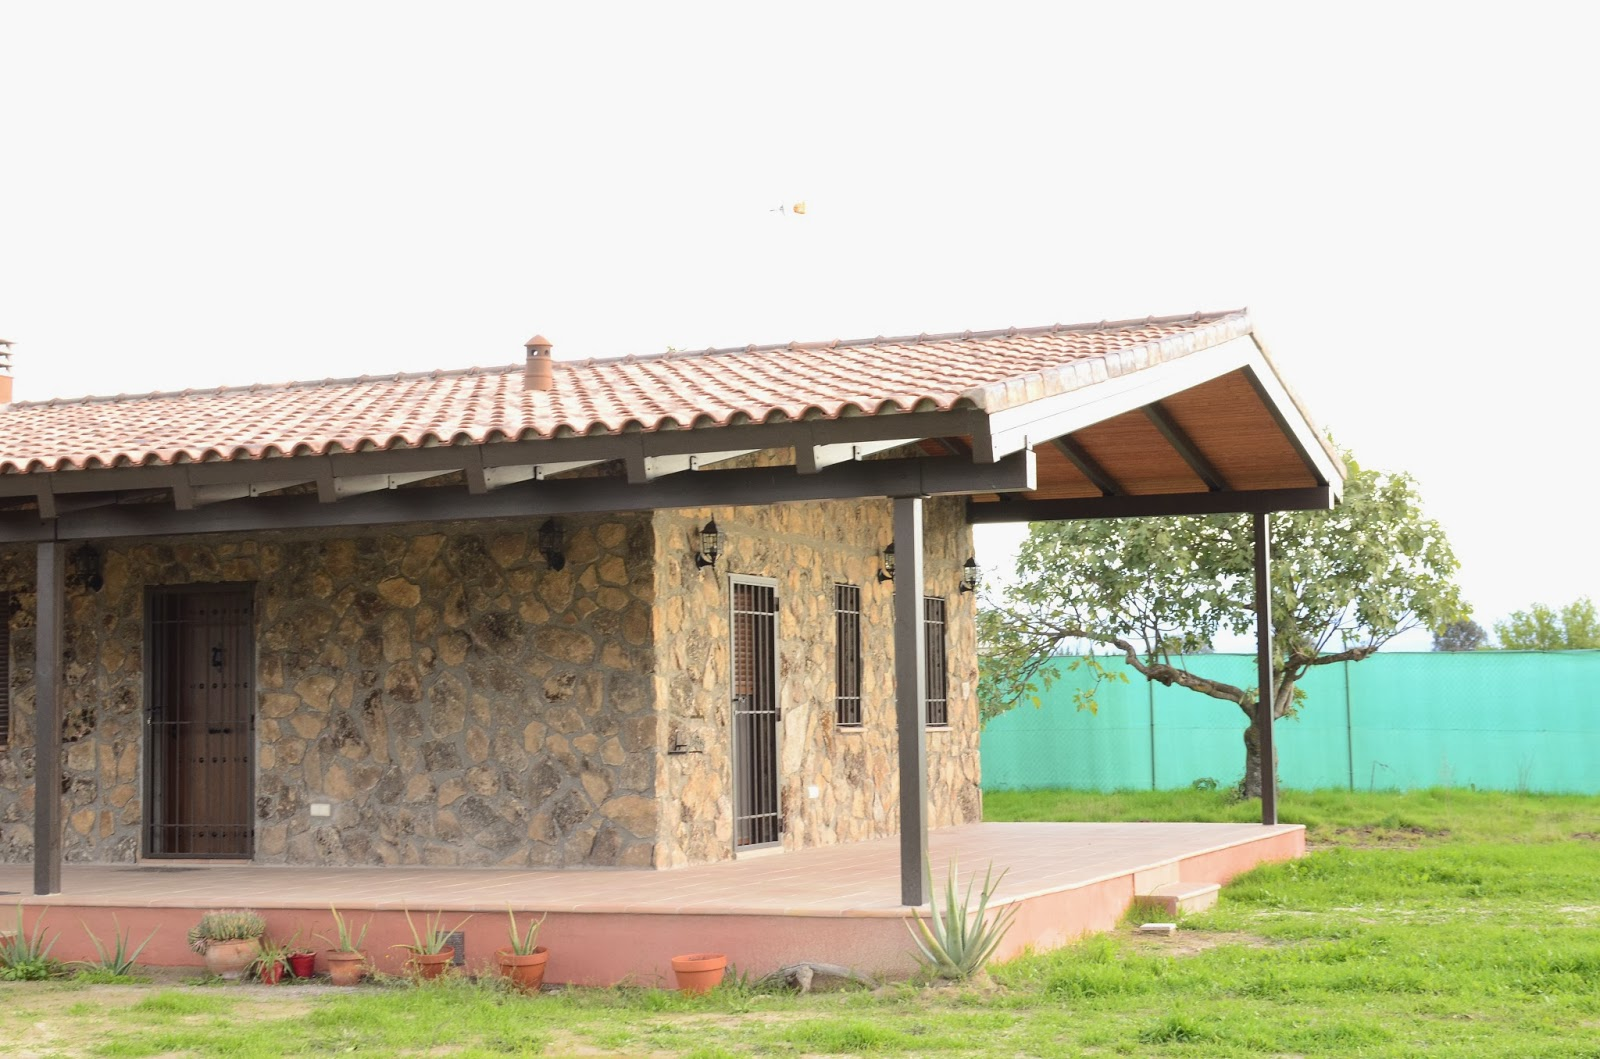 Solicitanos cat logo de casas prefabricadas en rustico o - Casas rurales prefabricadas ...